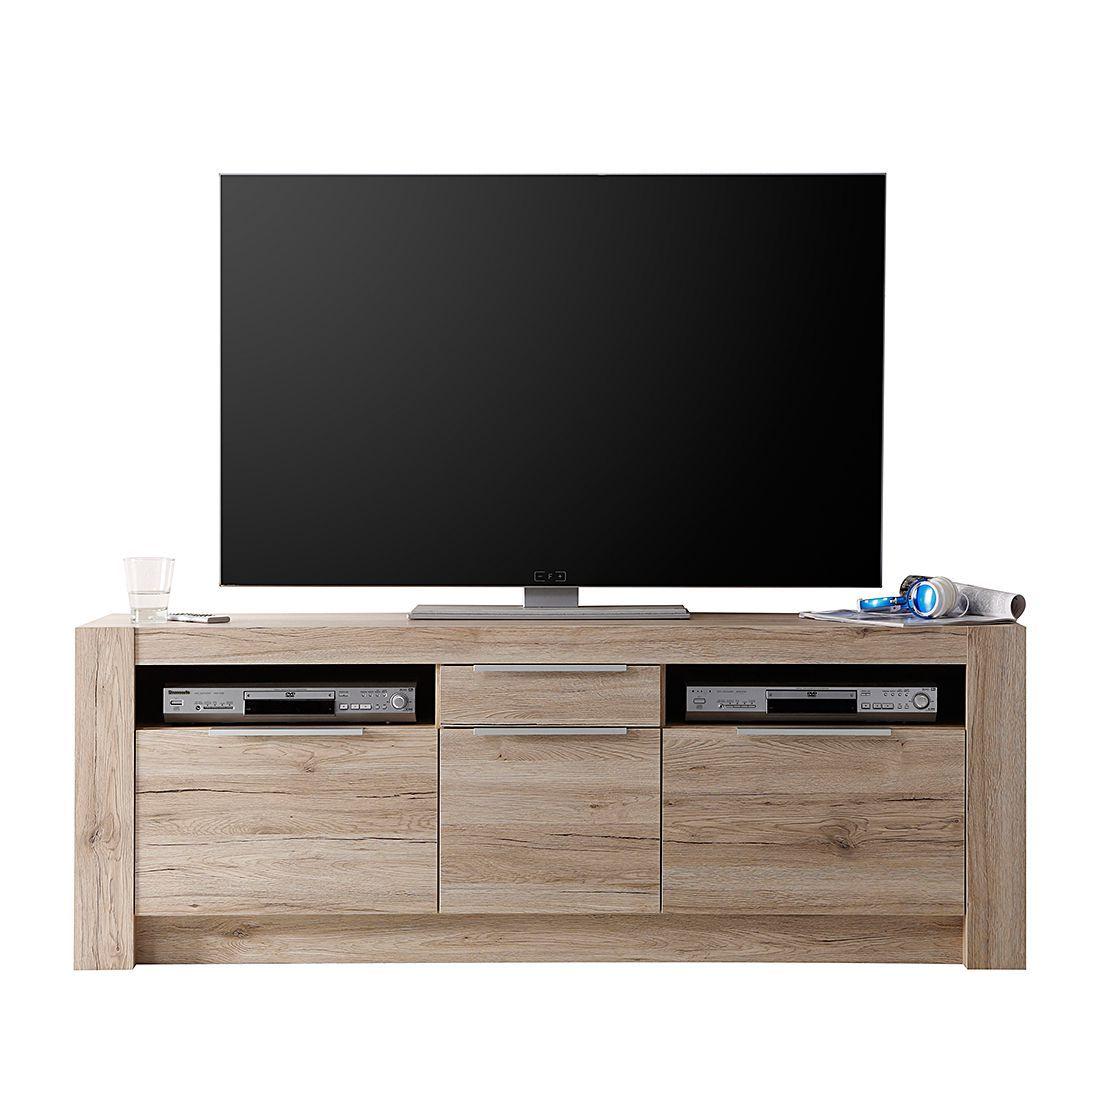 Lowboard Winburg Lowboard Tv Mobel Moderner Stil